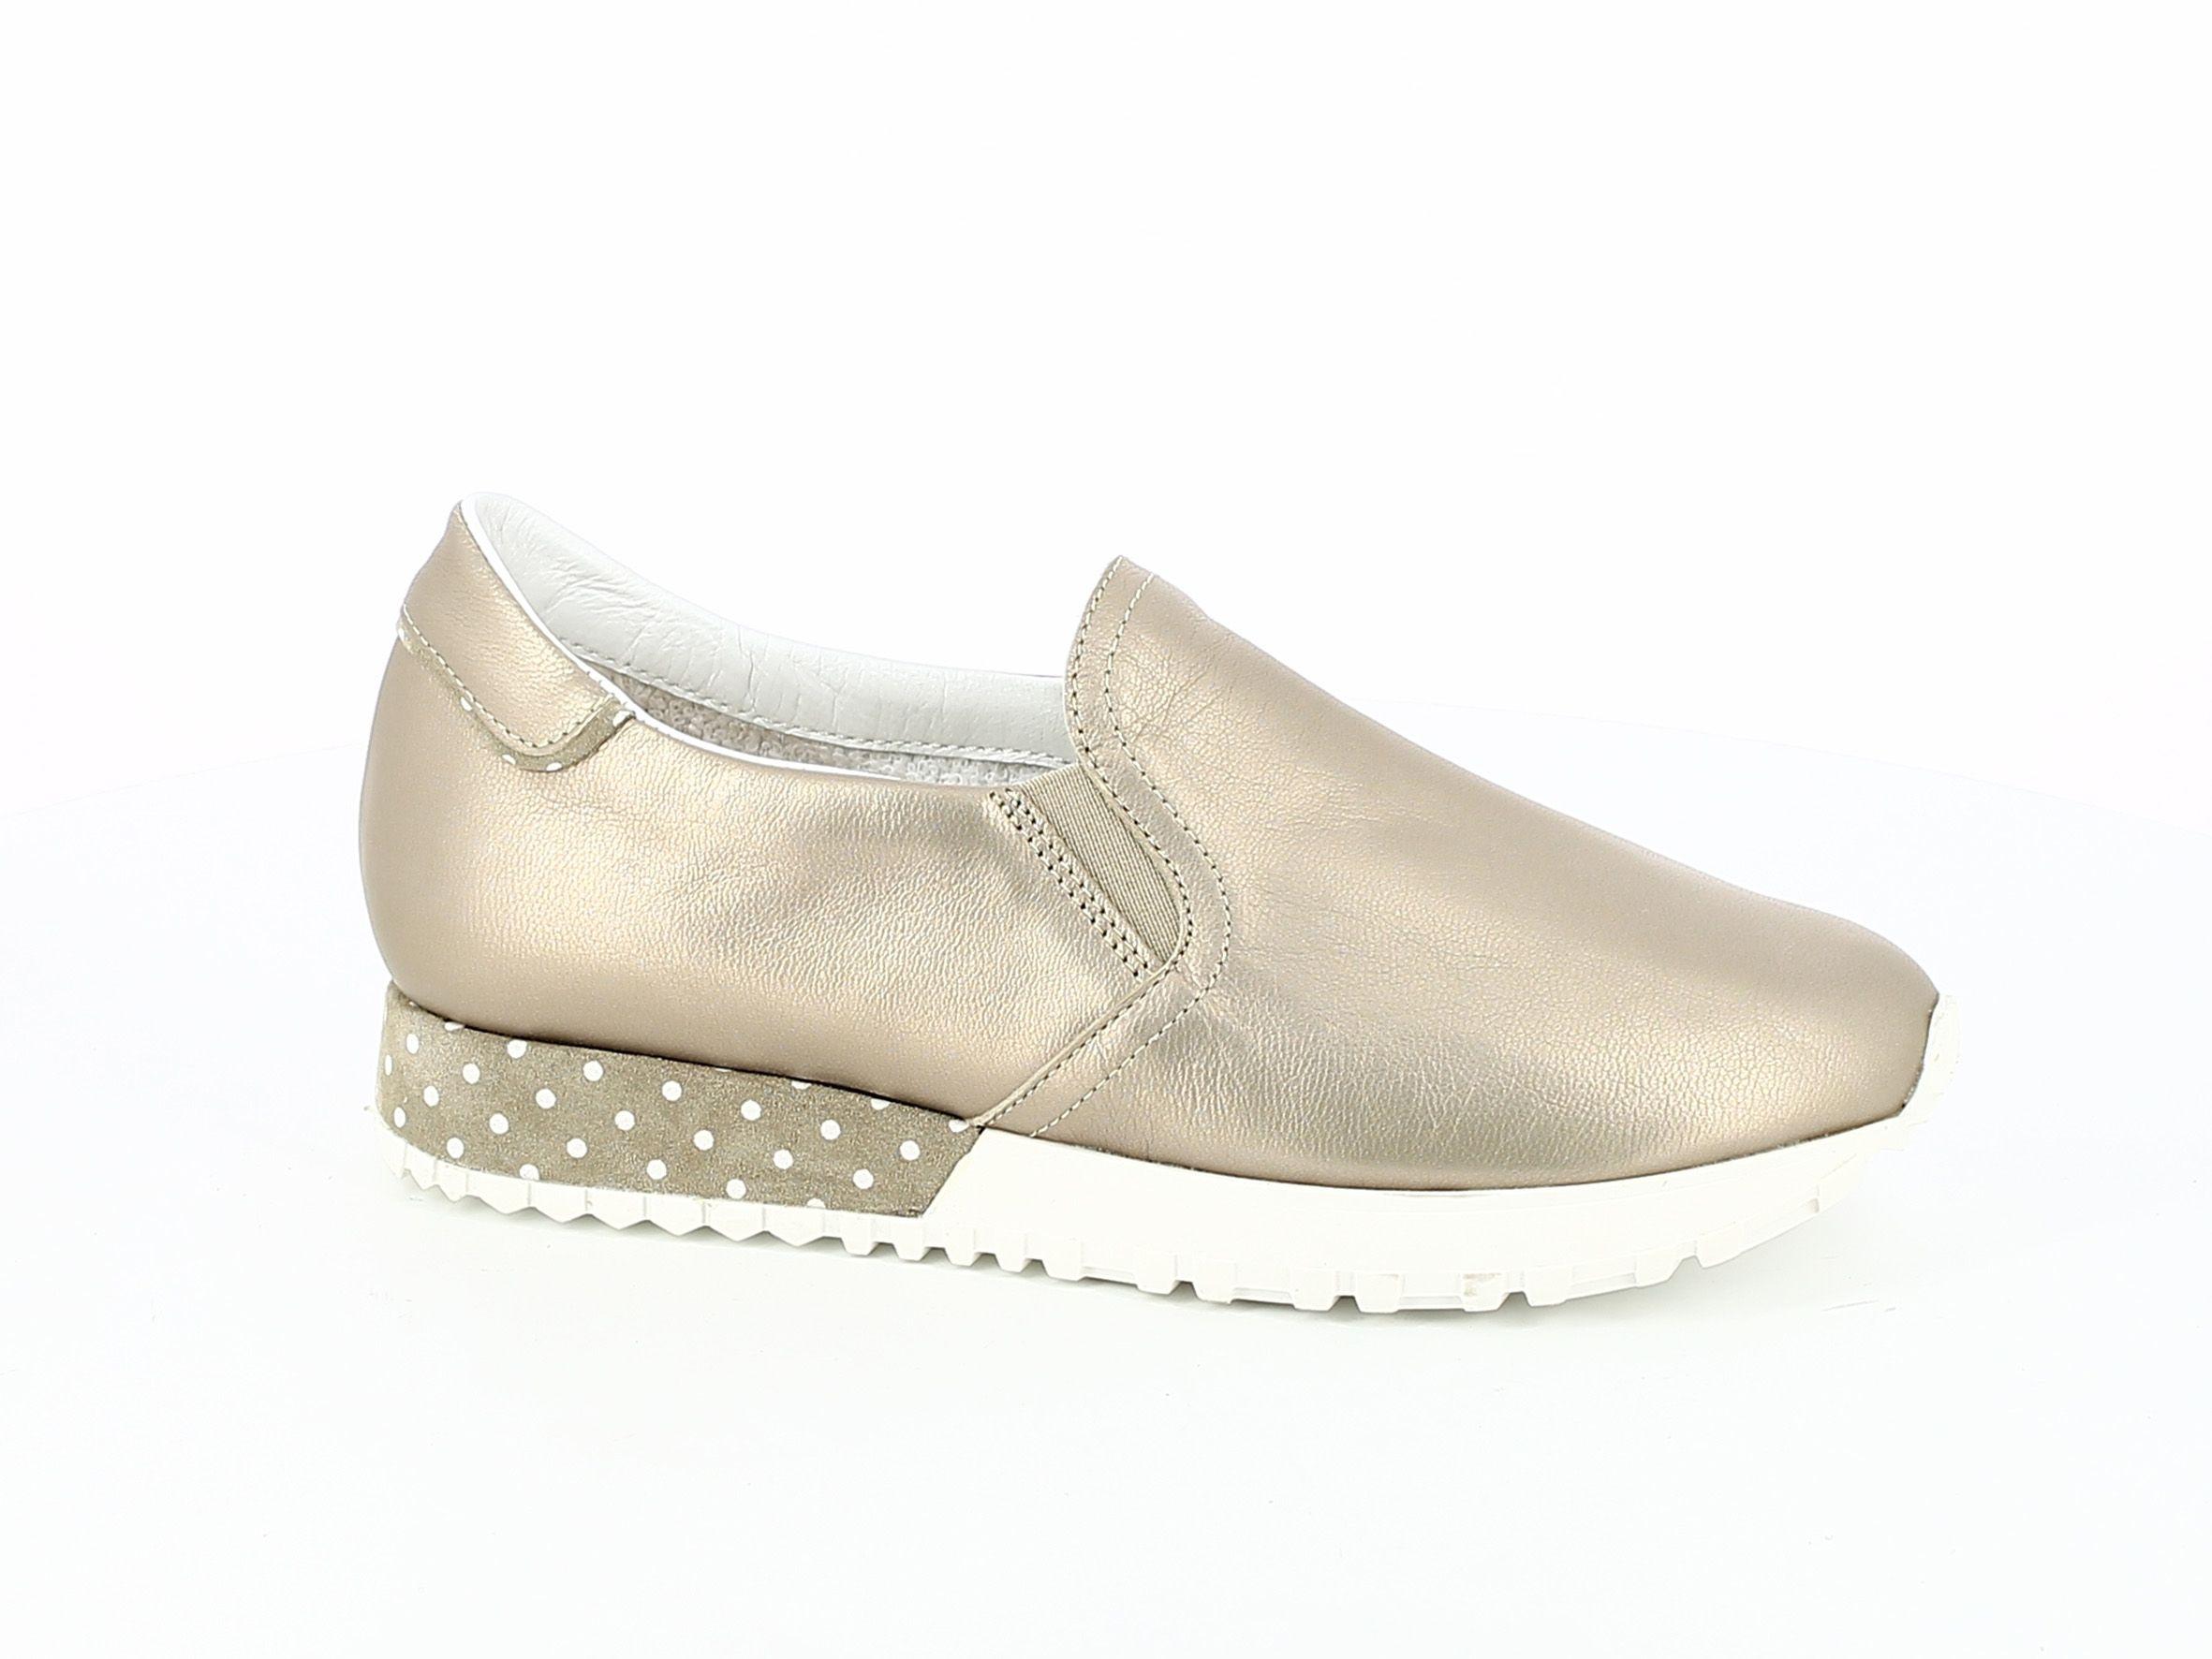 best service 691a1 1012d Pin su Woman Shoes (S/S) - Scarpe per Donna (P/E)